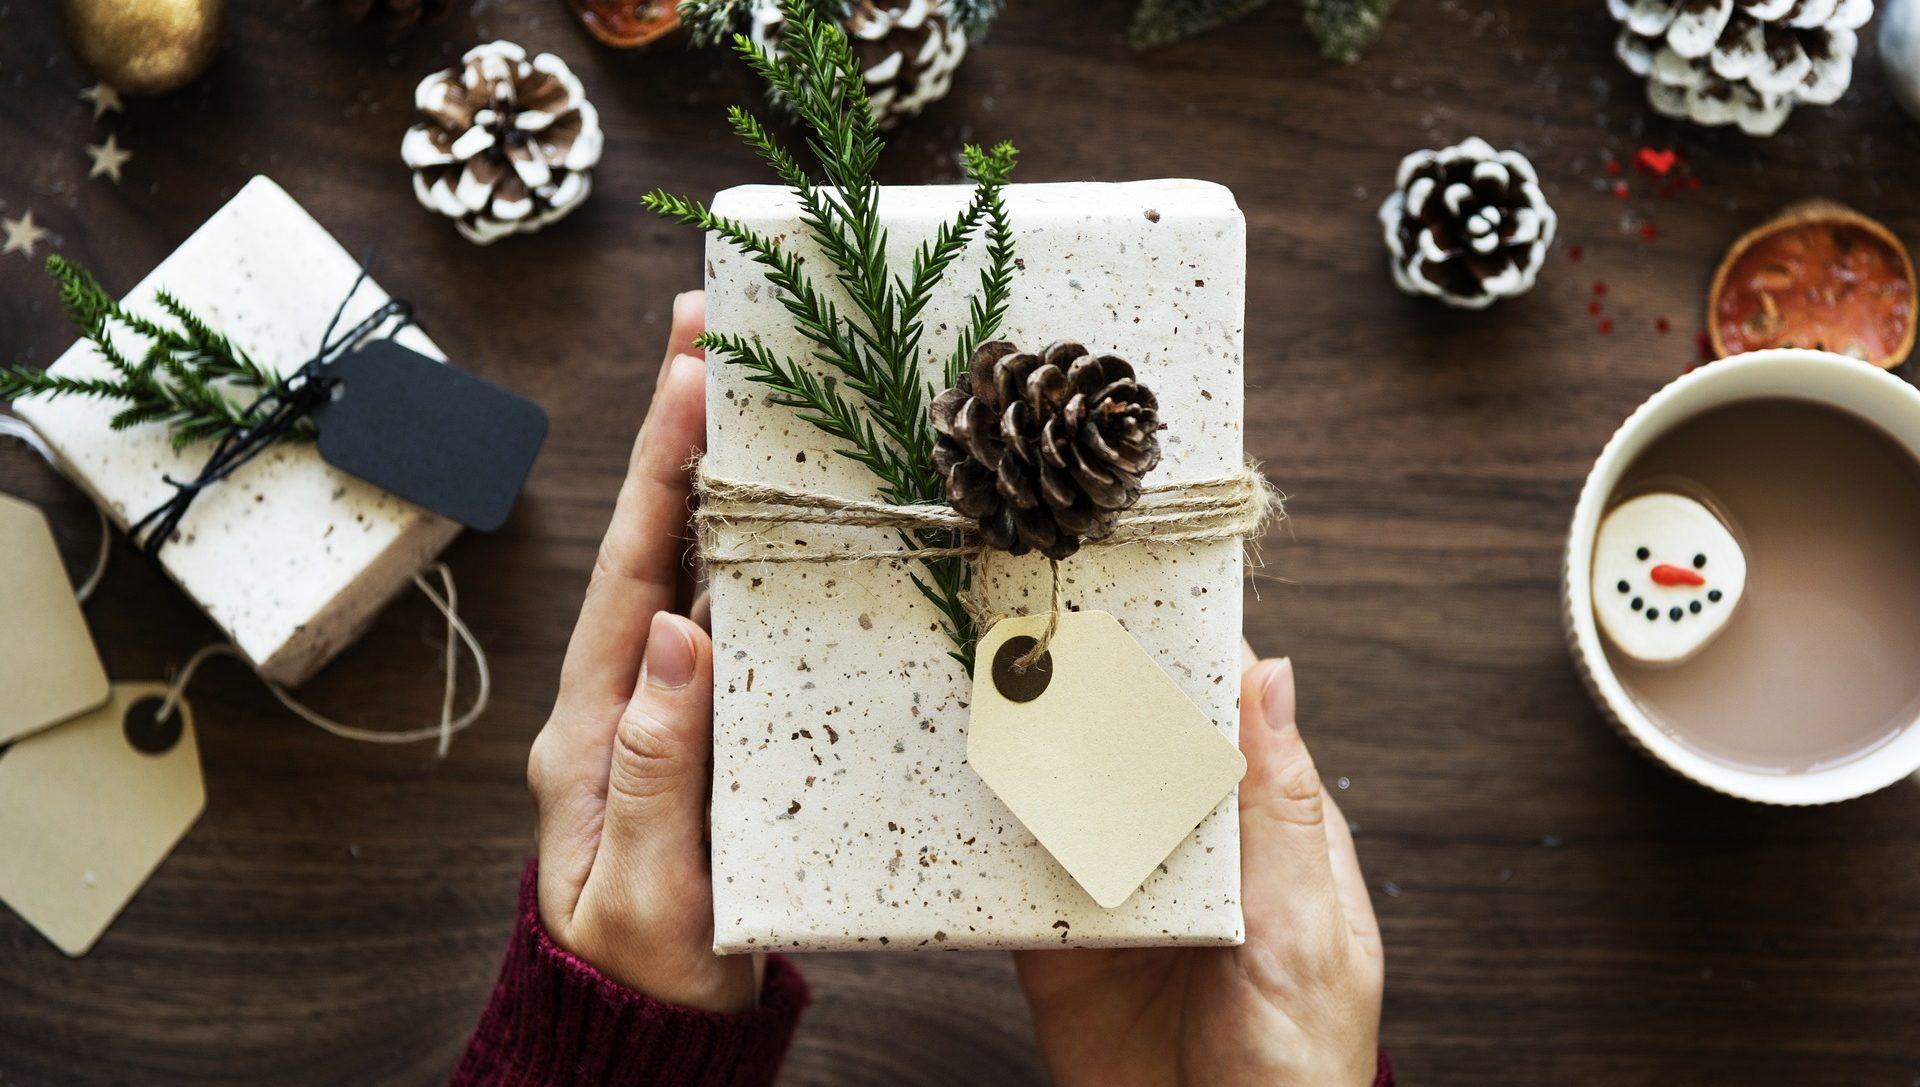 Świąteczna uczta czytelnicza – zapowiedzi książek Bożonarodzeniowych w 2019